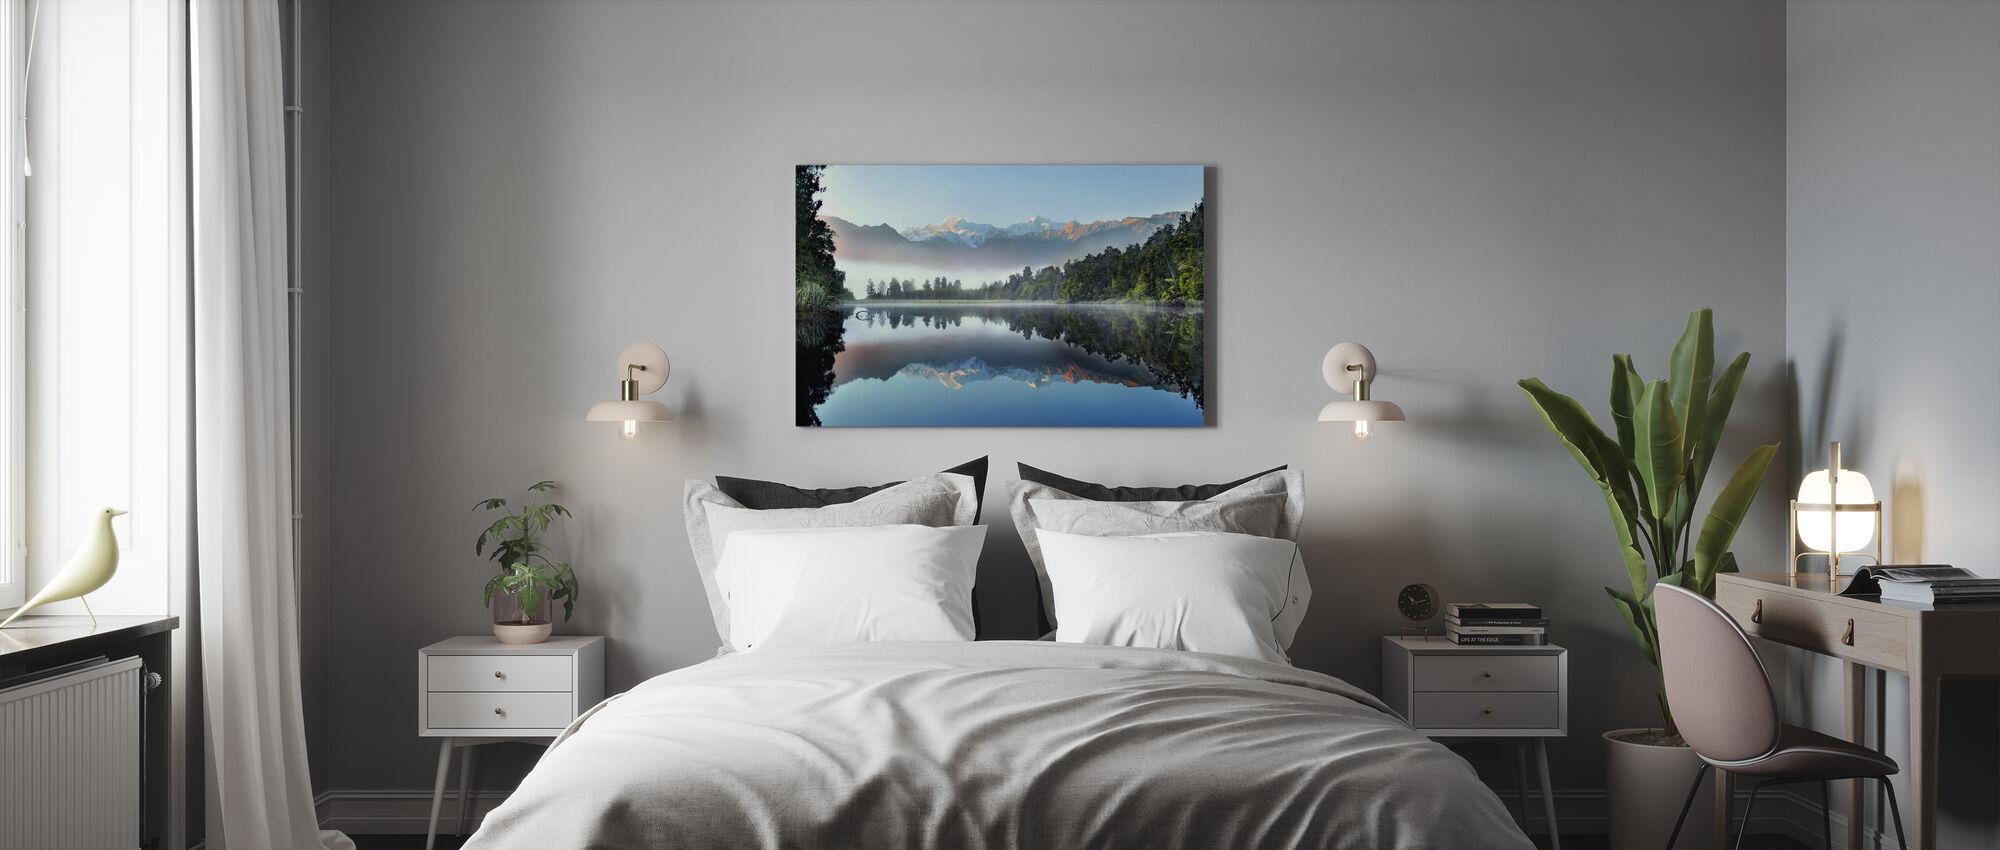 Reflektion av sjön Matheson - Canvastavla - Sovrum